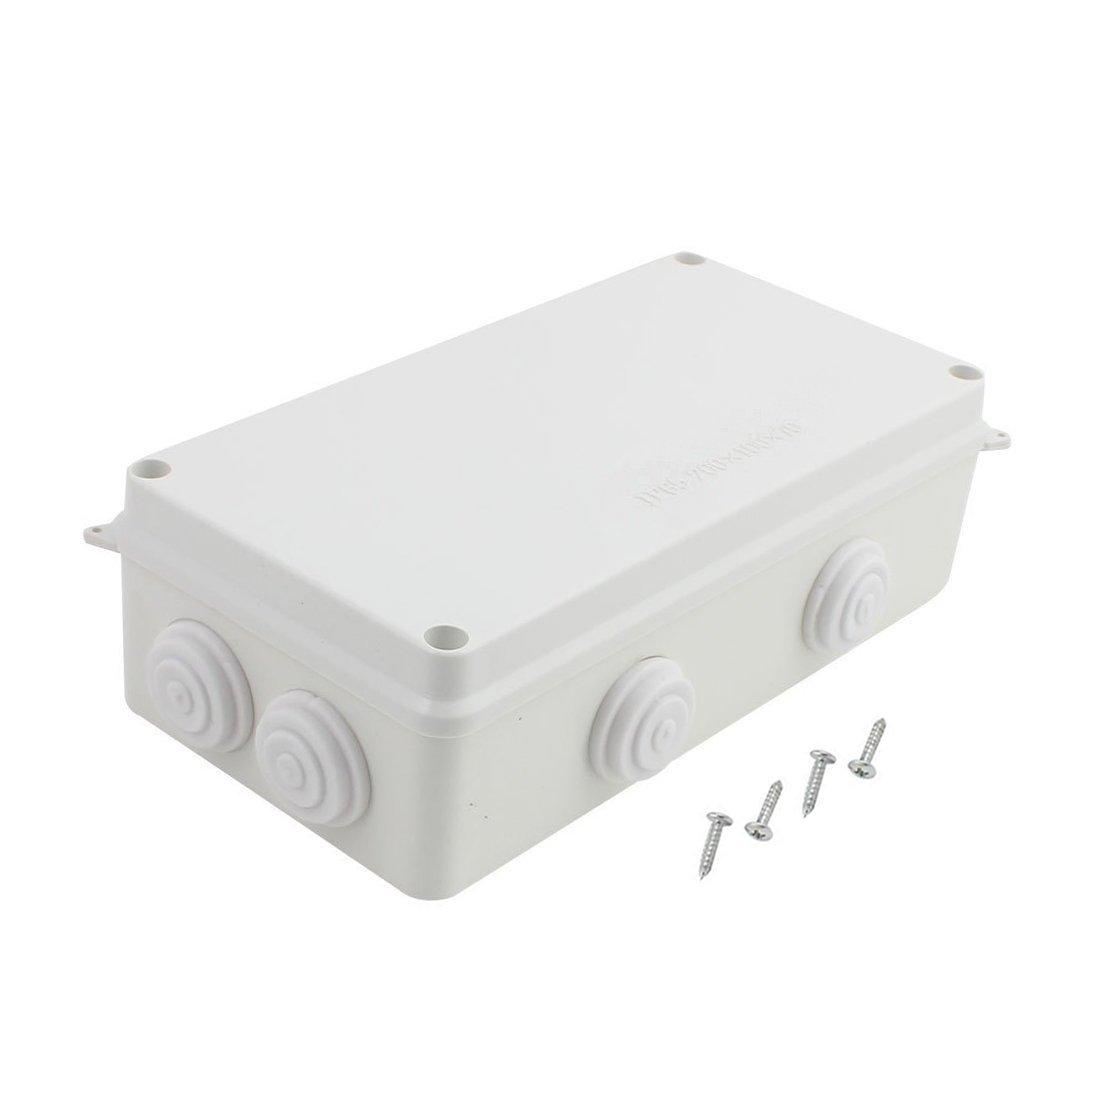 LeMotech ABS Plastic Dustproof Waterproof IP65 Junction Box Universal Electrical